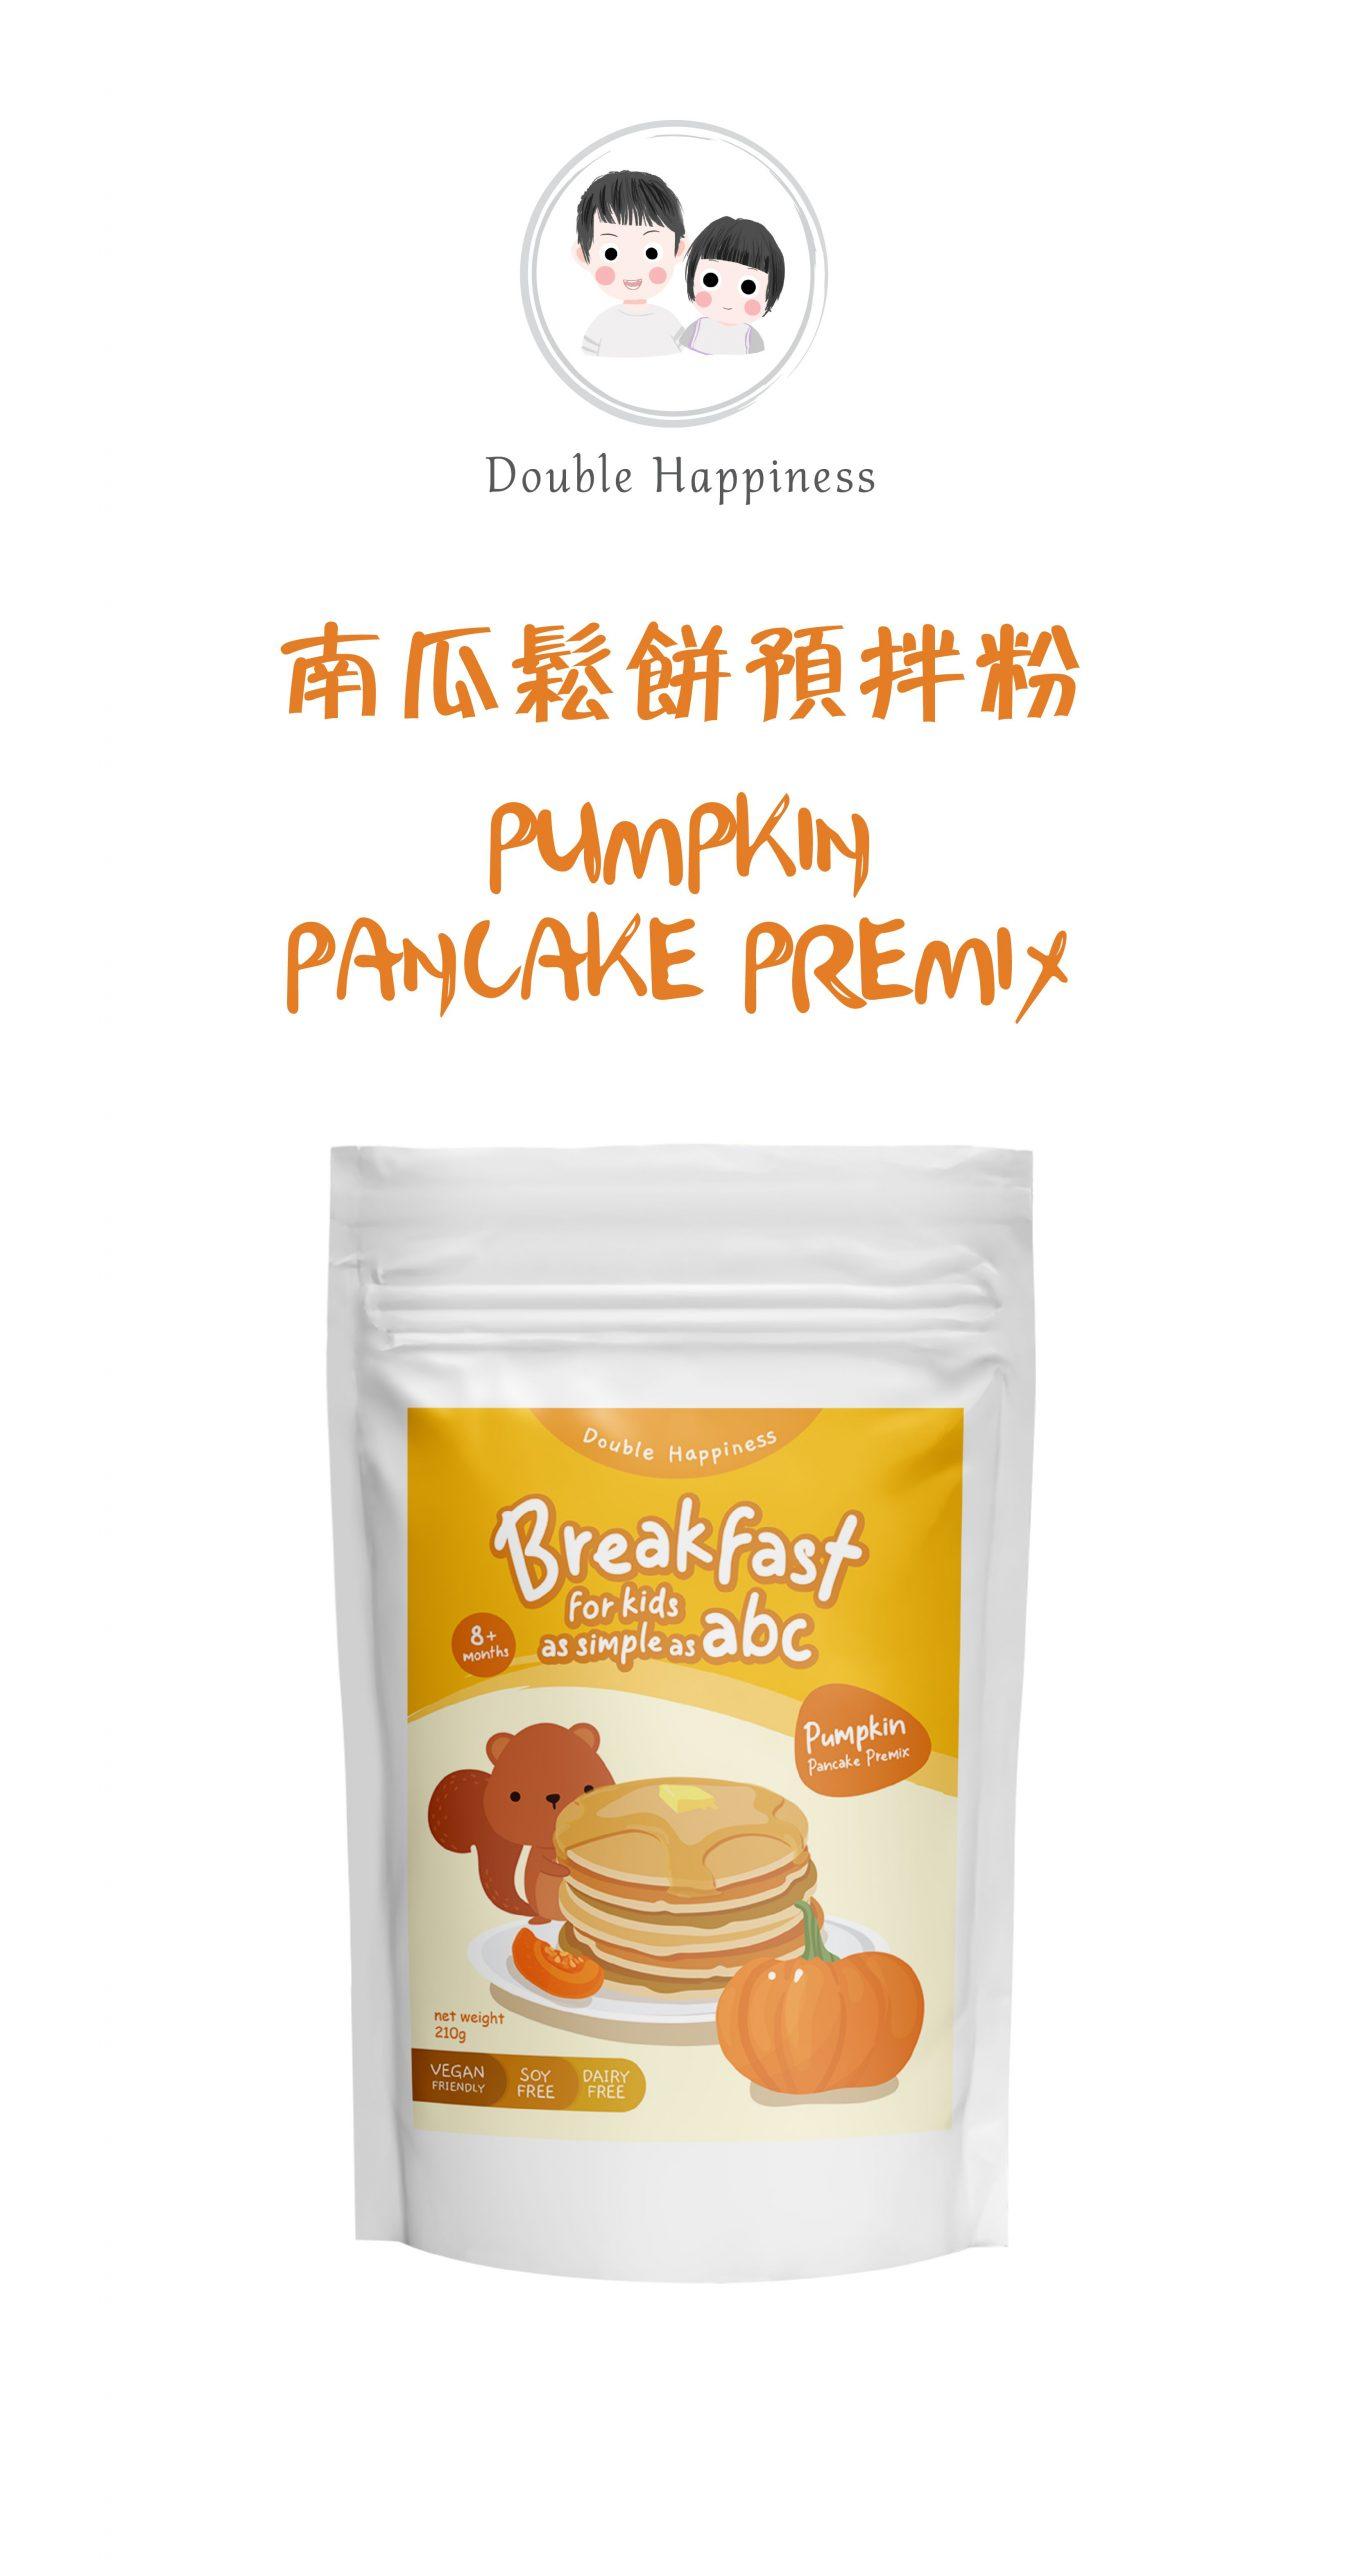 Pumpkin Pancake Premix